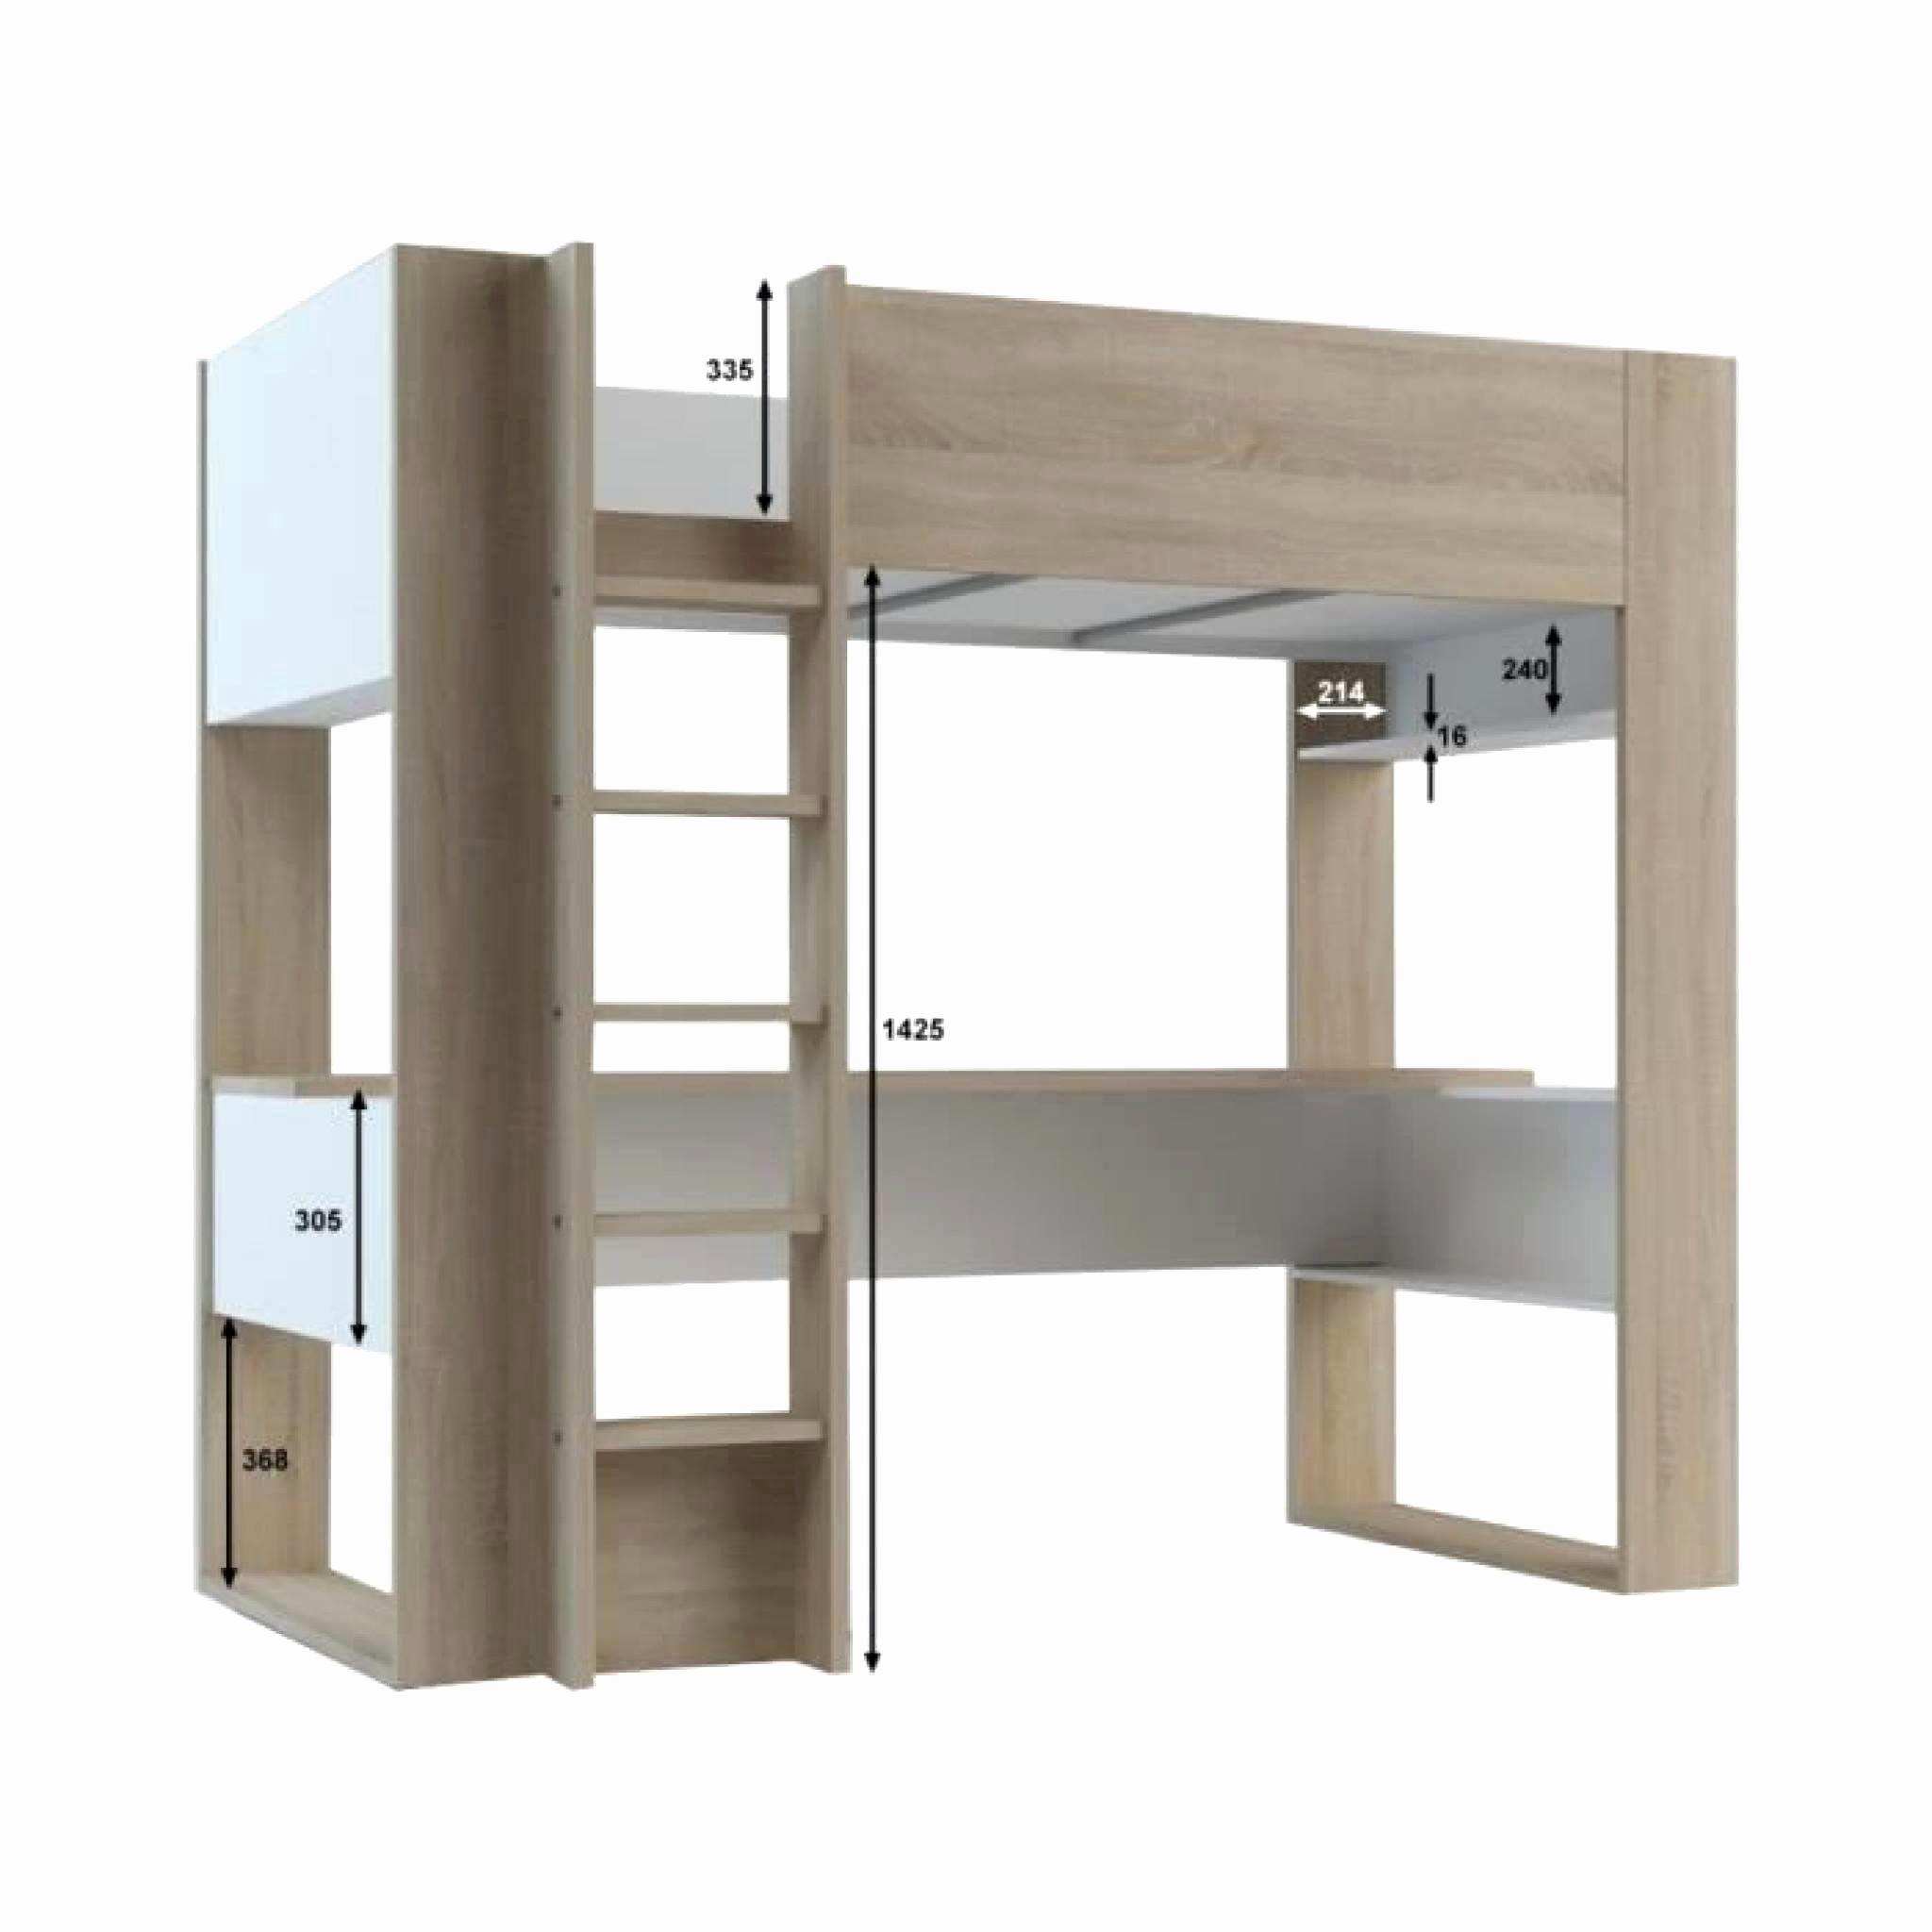 Lit Mezzanine Avec Rangement Unique Escalier Avec Rangement Unique 41 Lit Mezzanine Avec Escalier tout